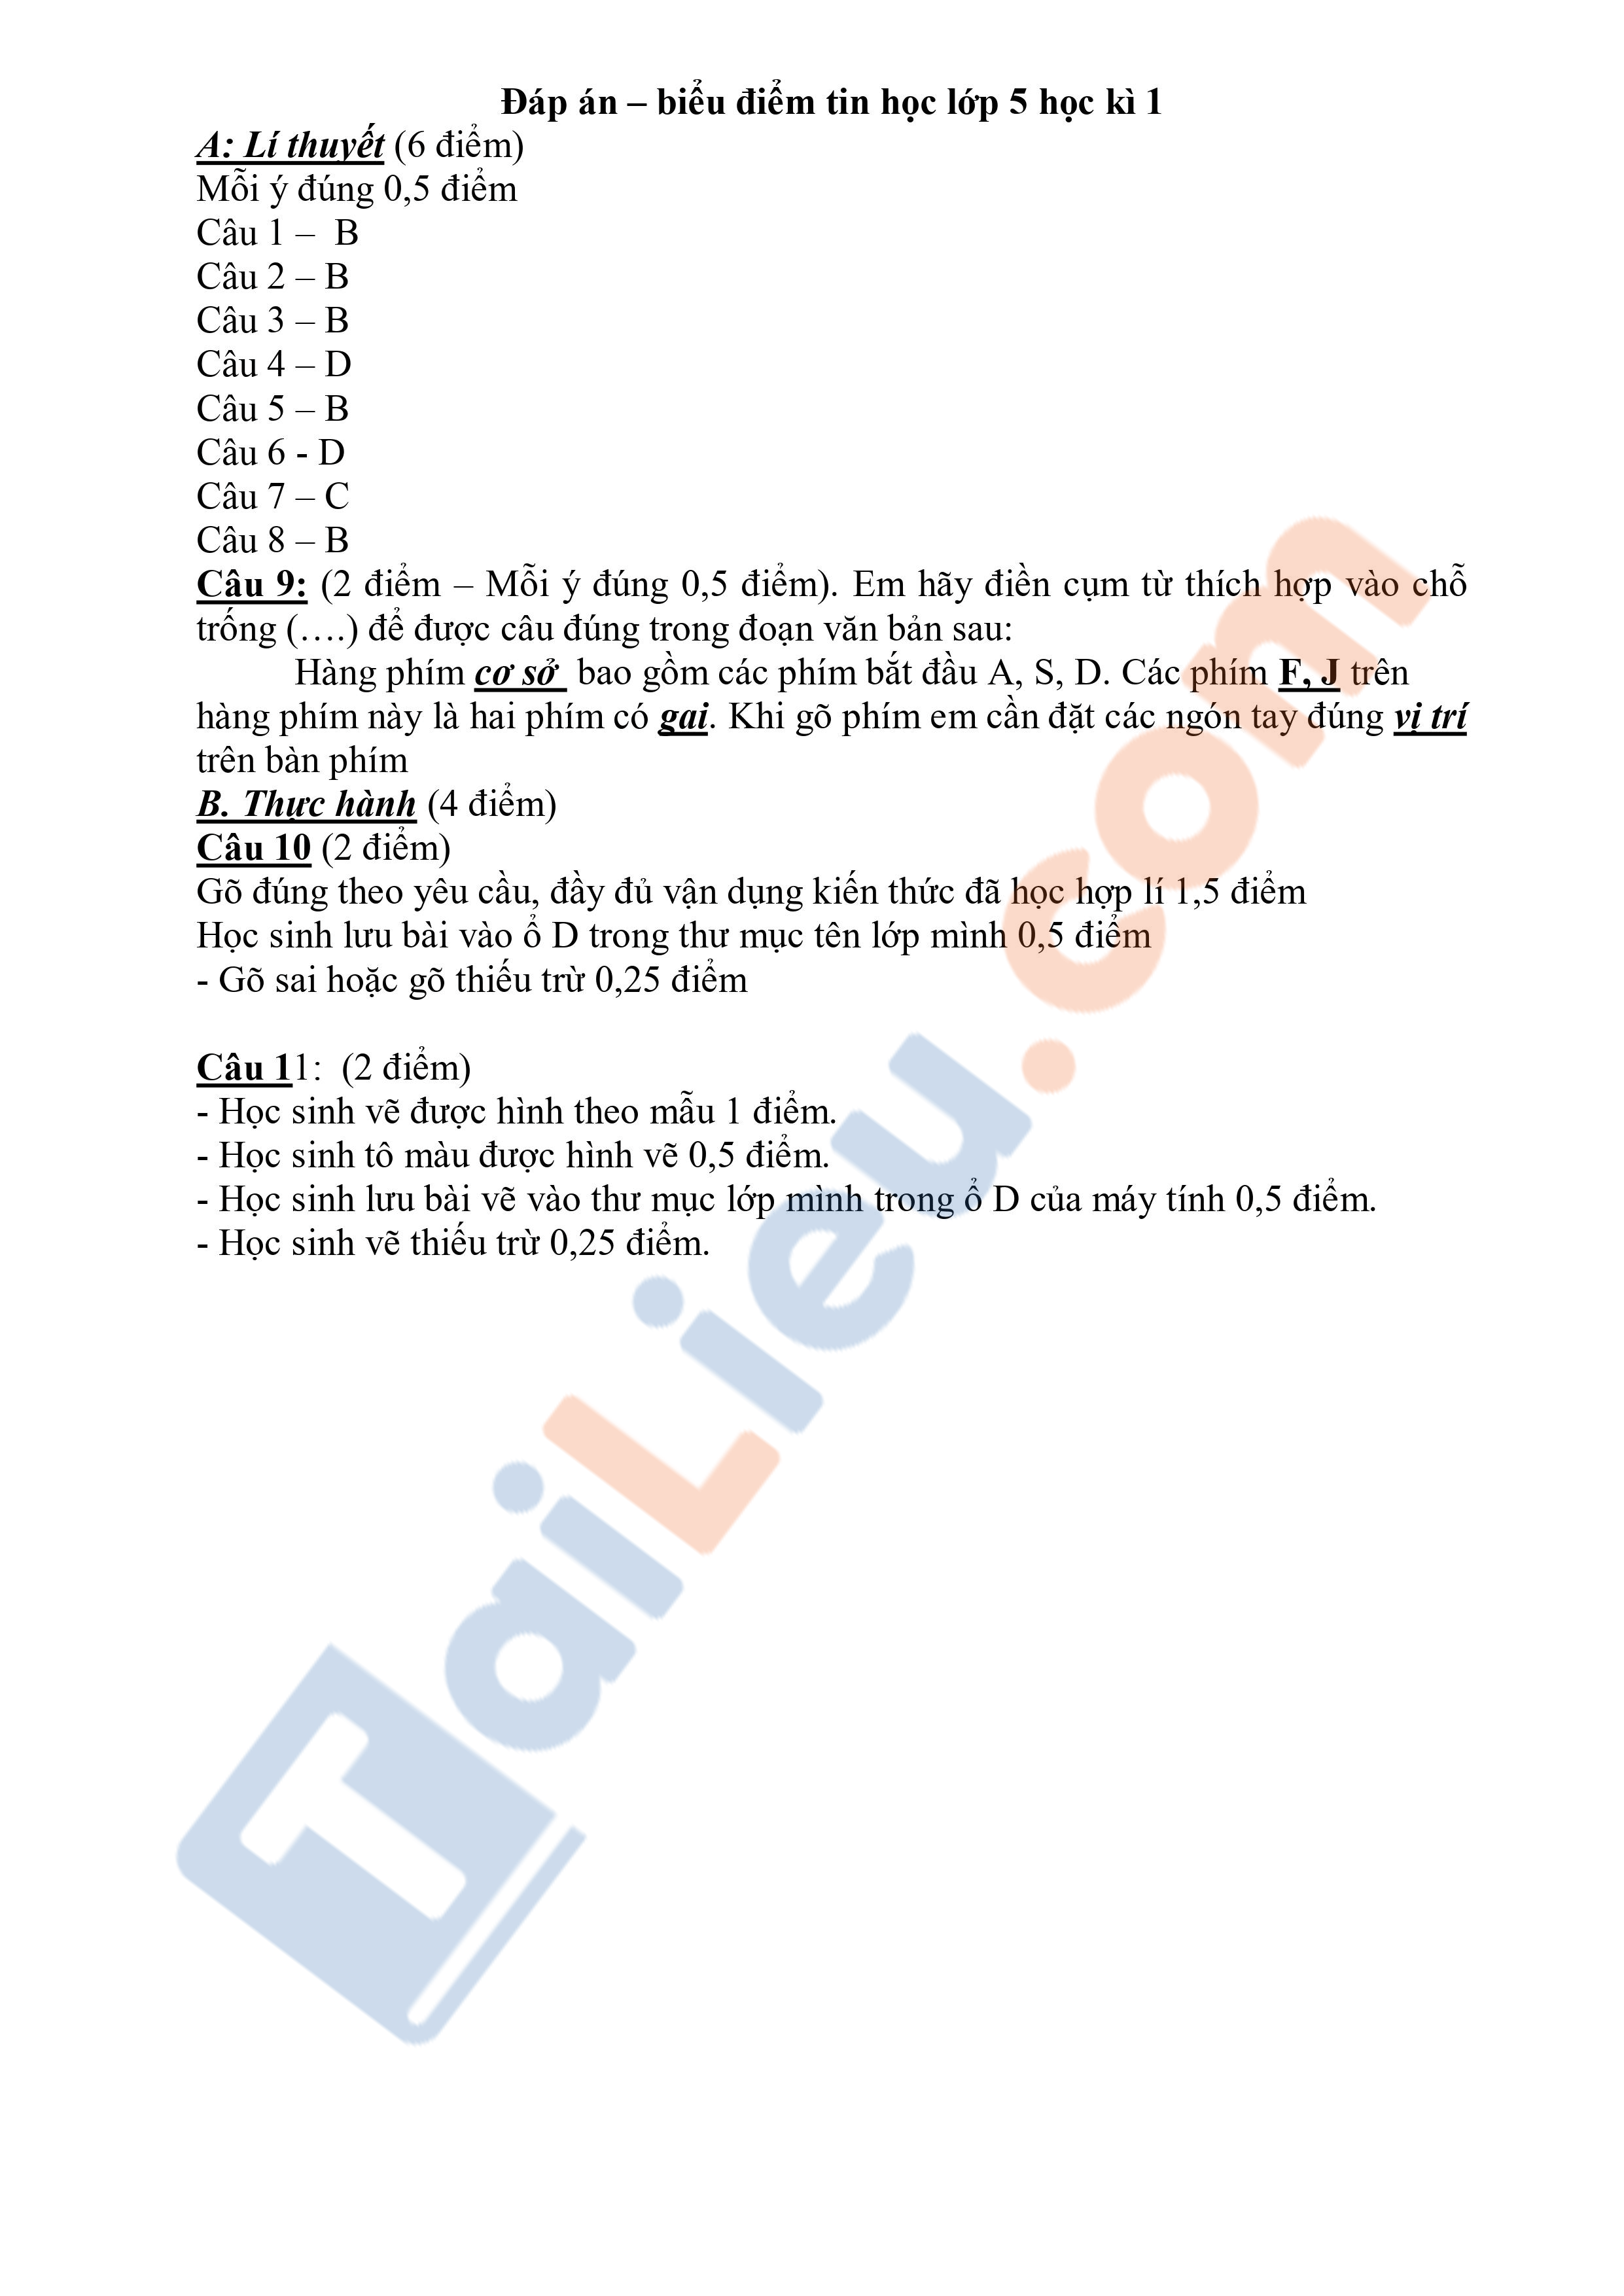 Đề thi Tin học Lớp 5 cuối kì 1 Tiểu học Xuân Phương 2017 (Có đáp án)